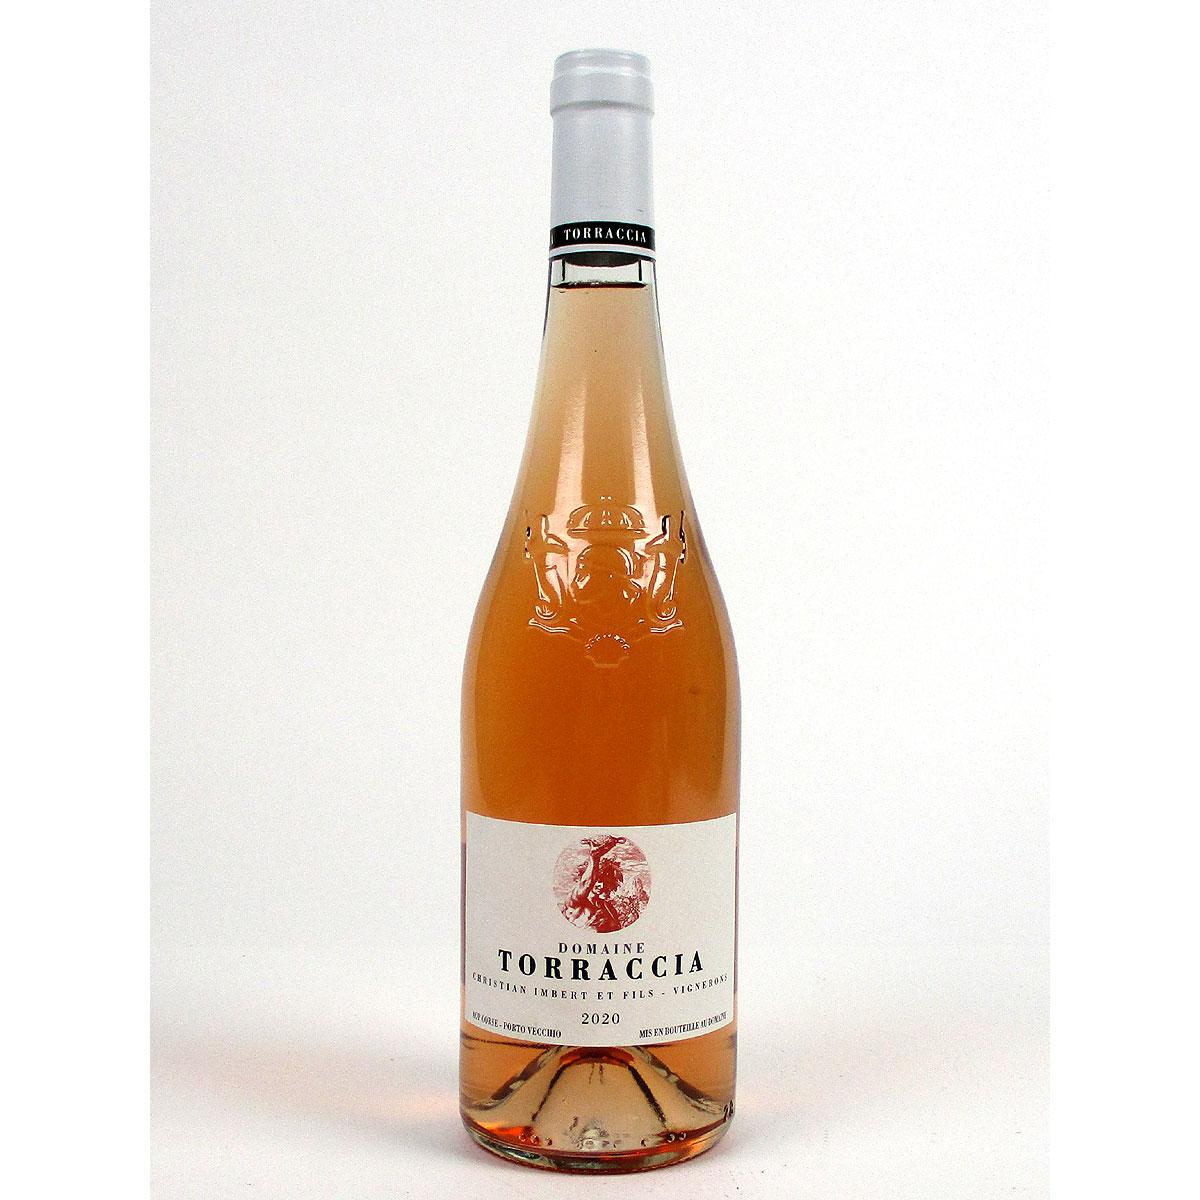 Vin de Corse Porto Vecchio: Domaine de Torraccia Rosé 2020 - Bottle